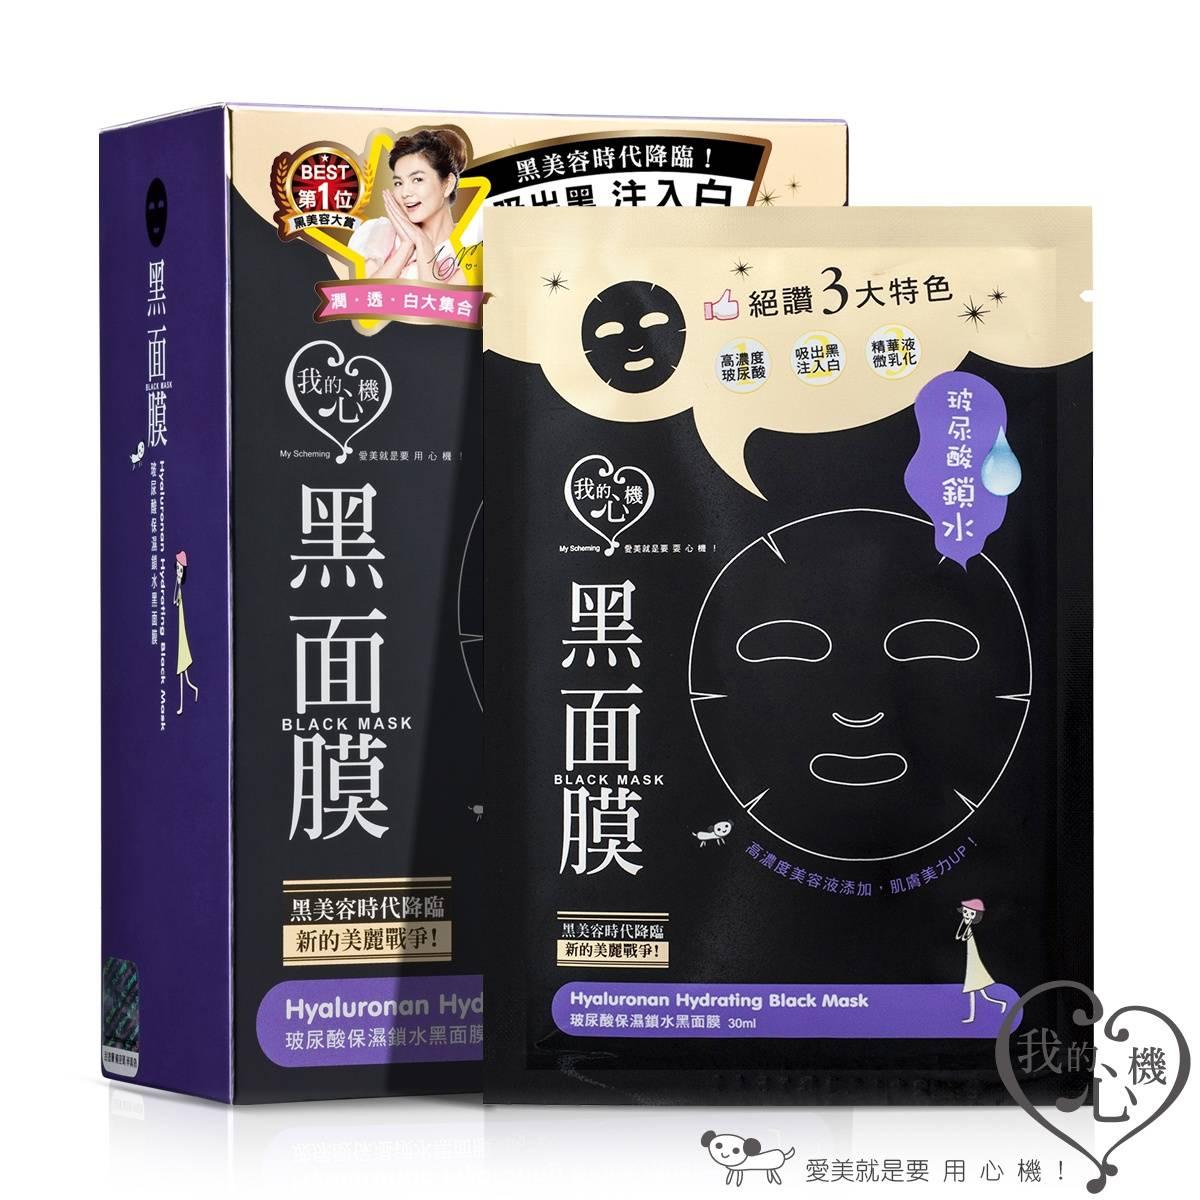 我的心机蚕丝面膜,Eall亲情代言,台湾有名的品牌 薄薄蚕丝很好用,微yingzi583984002 鱼鱼集市